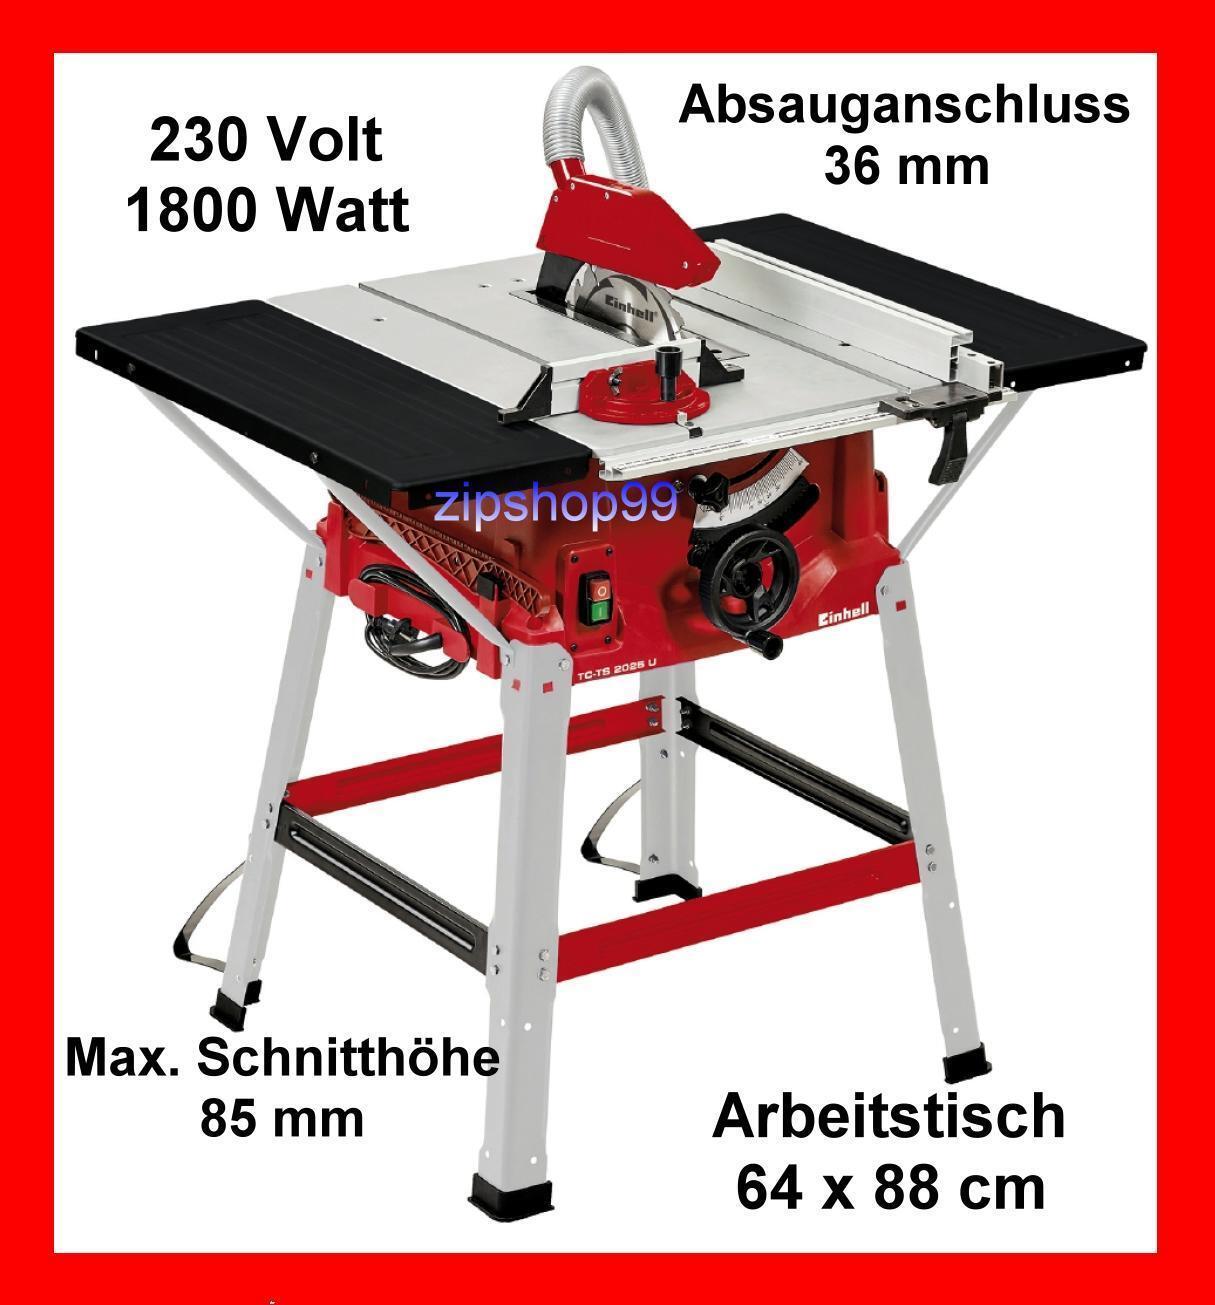 Tischkreissäge Einhell TC-TS 2025 U Kreissäge Baukreissäge Säge 1800 Watt B-Ware